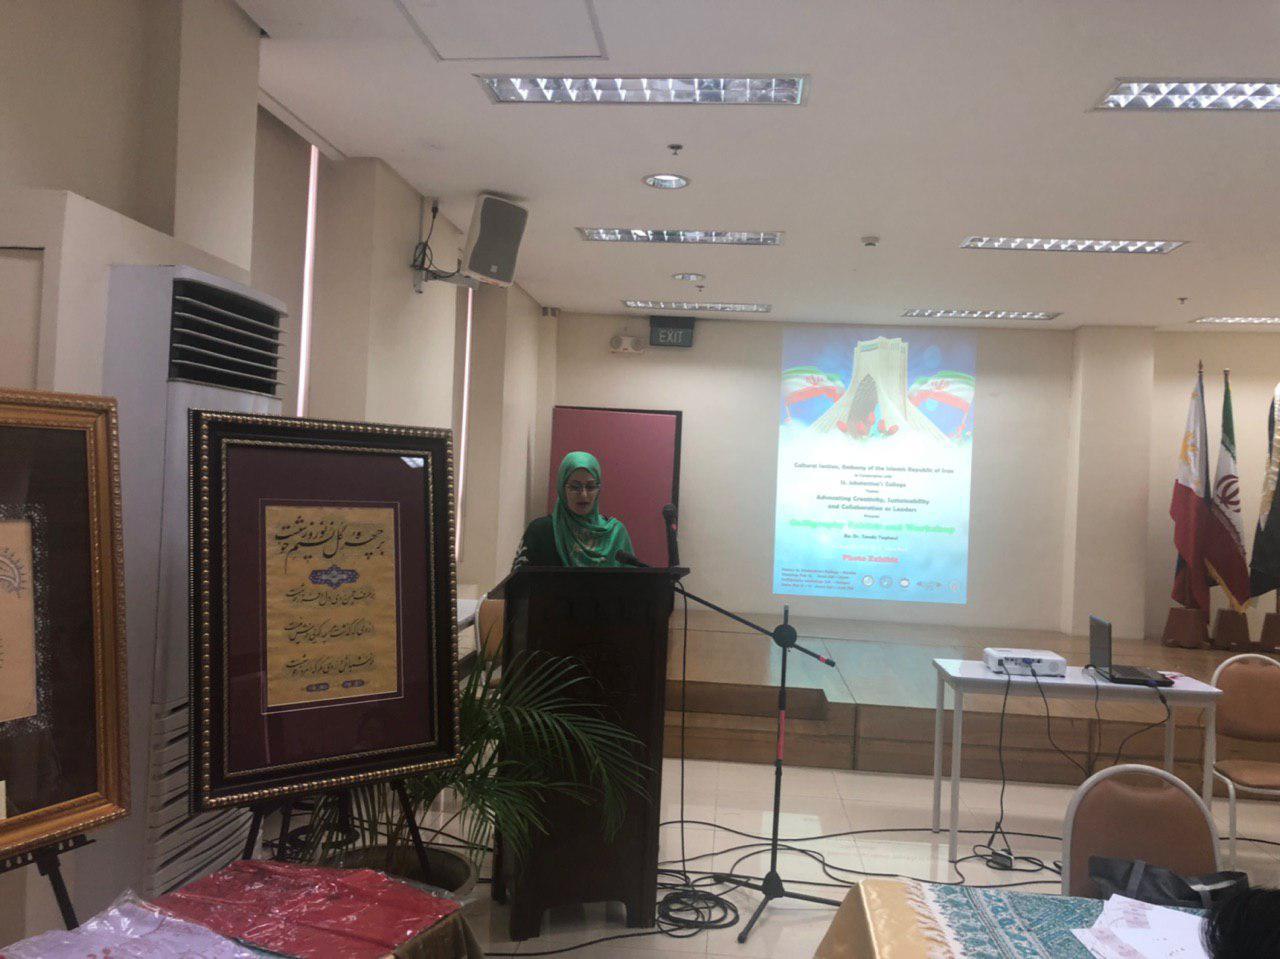 اهدای تابلوی هنرمندان مسلمان و مسیحی به دانشگاه مانیل